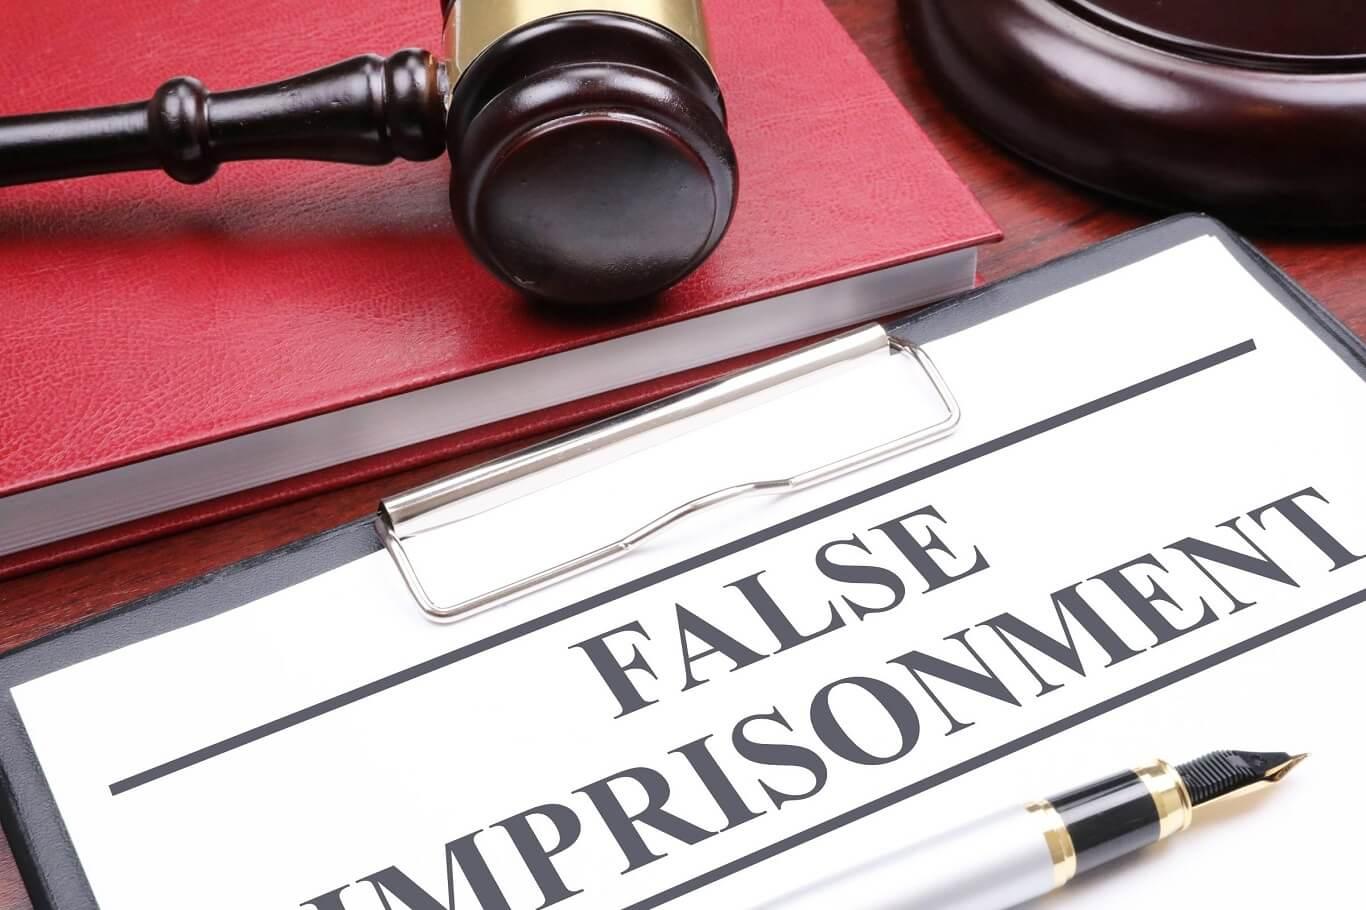 False imprisonment lawsuit cases